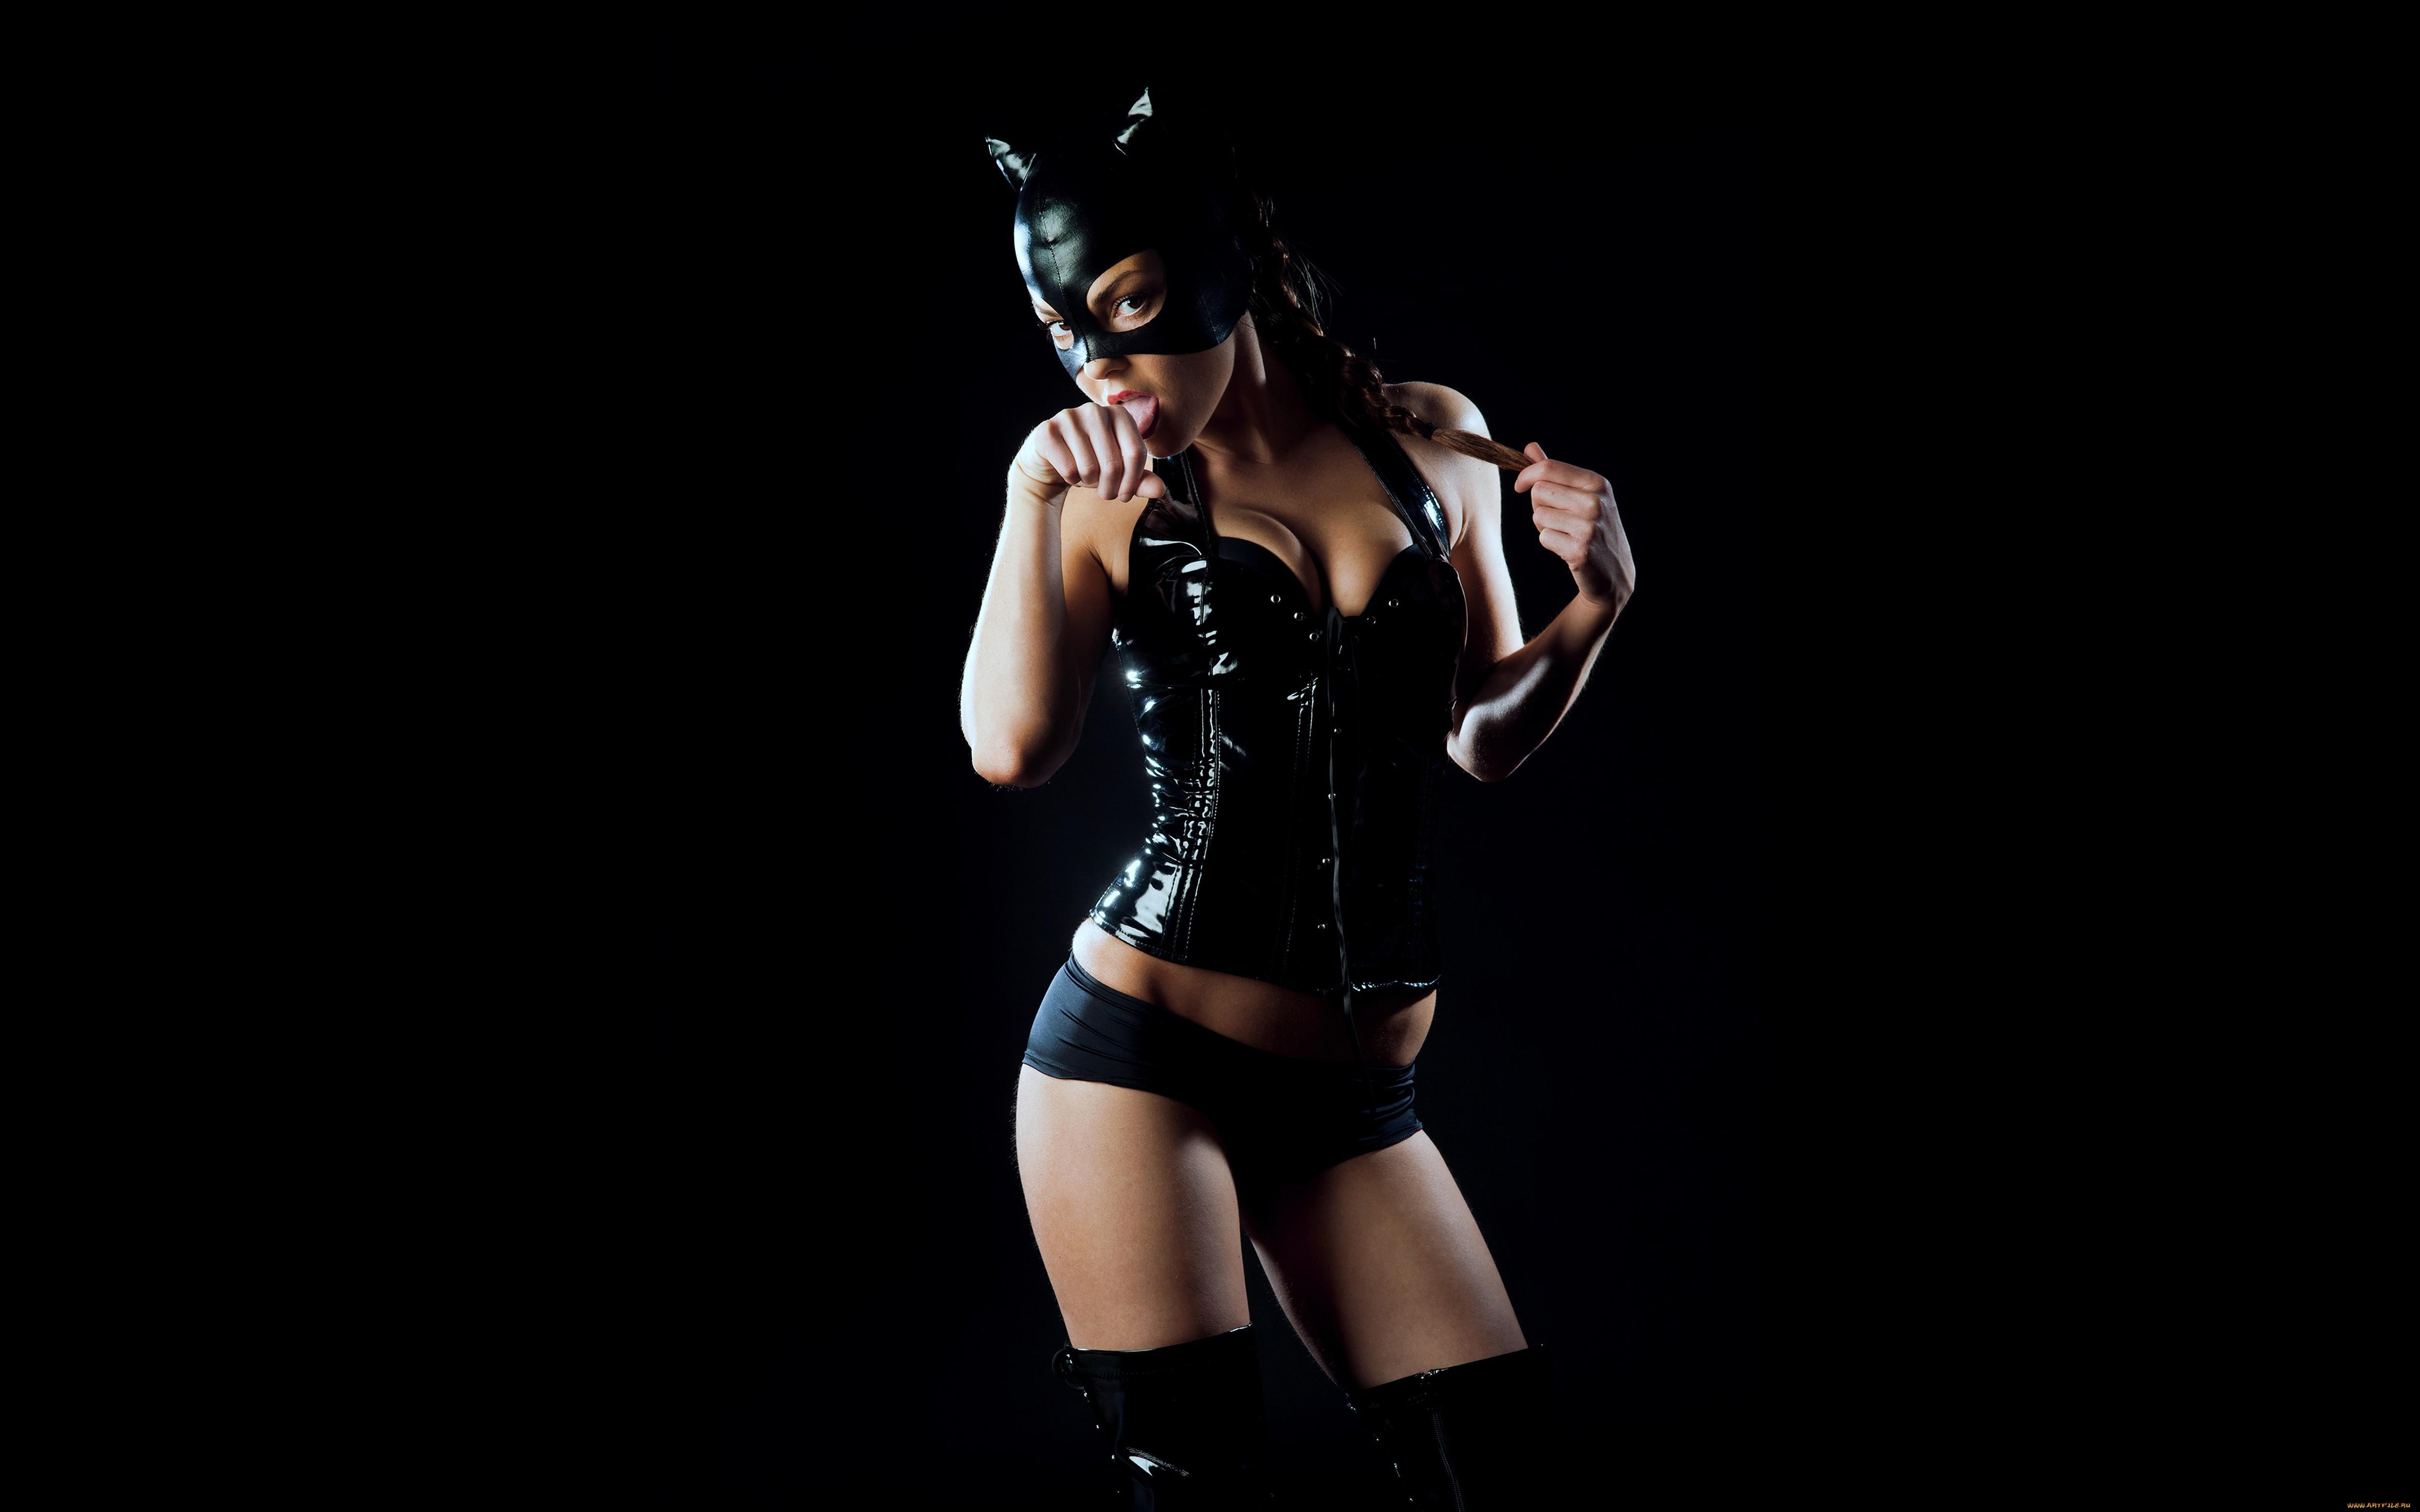 Фото в корсете и в маске #12